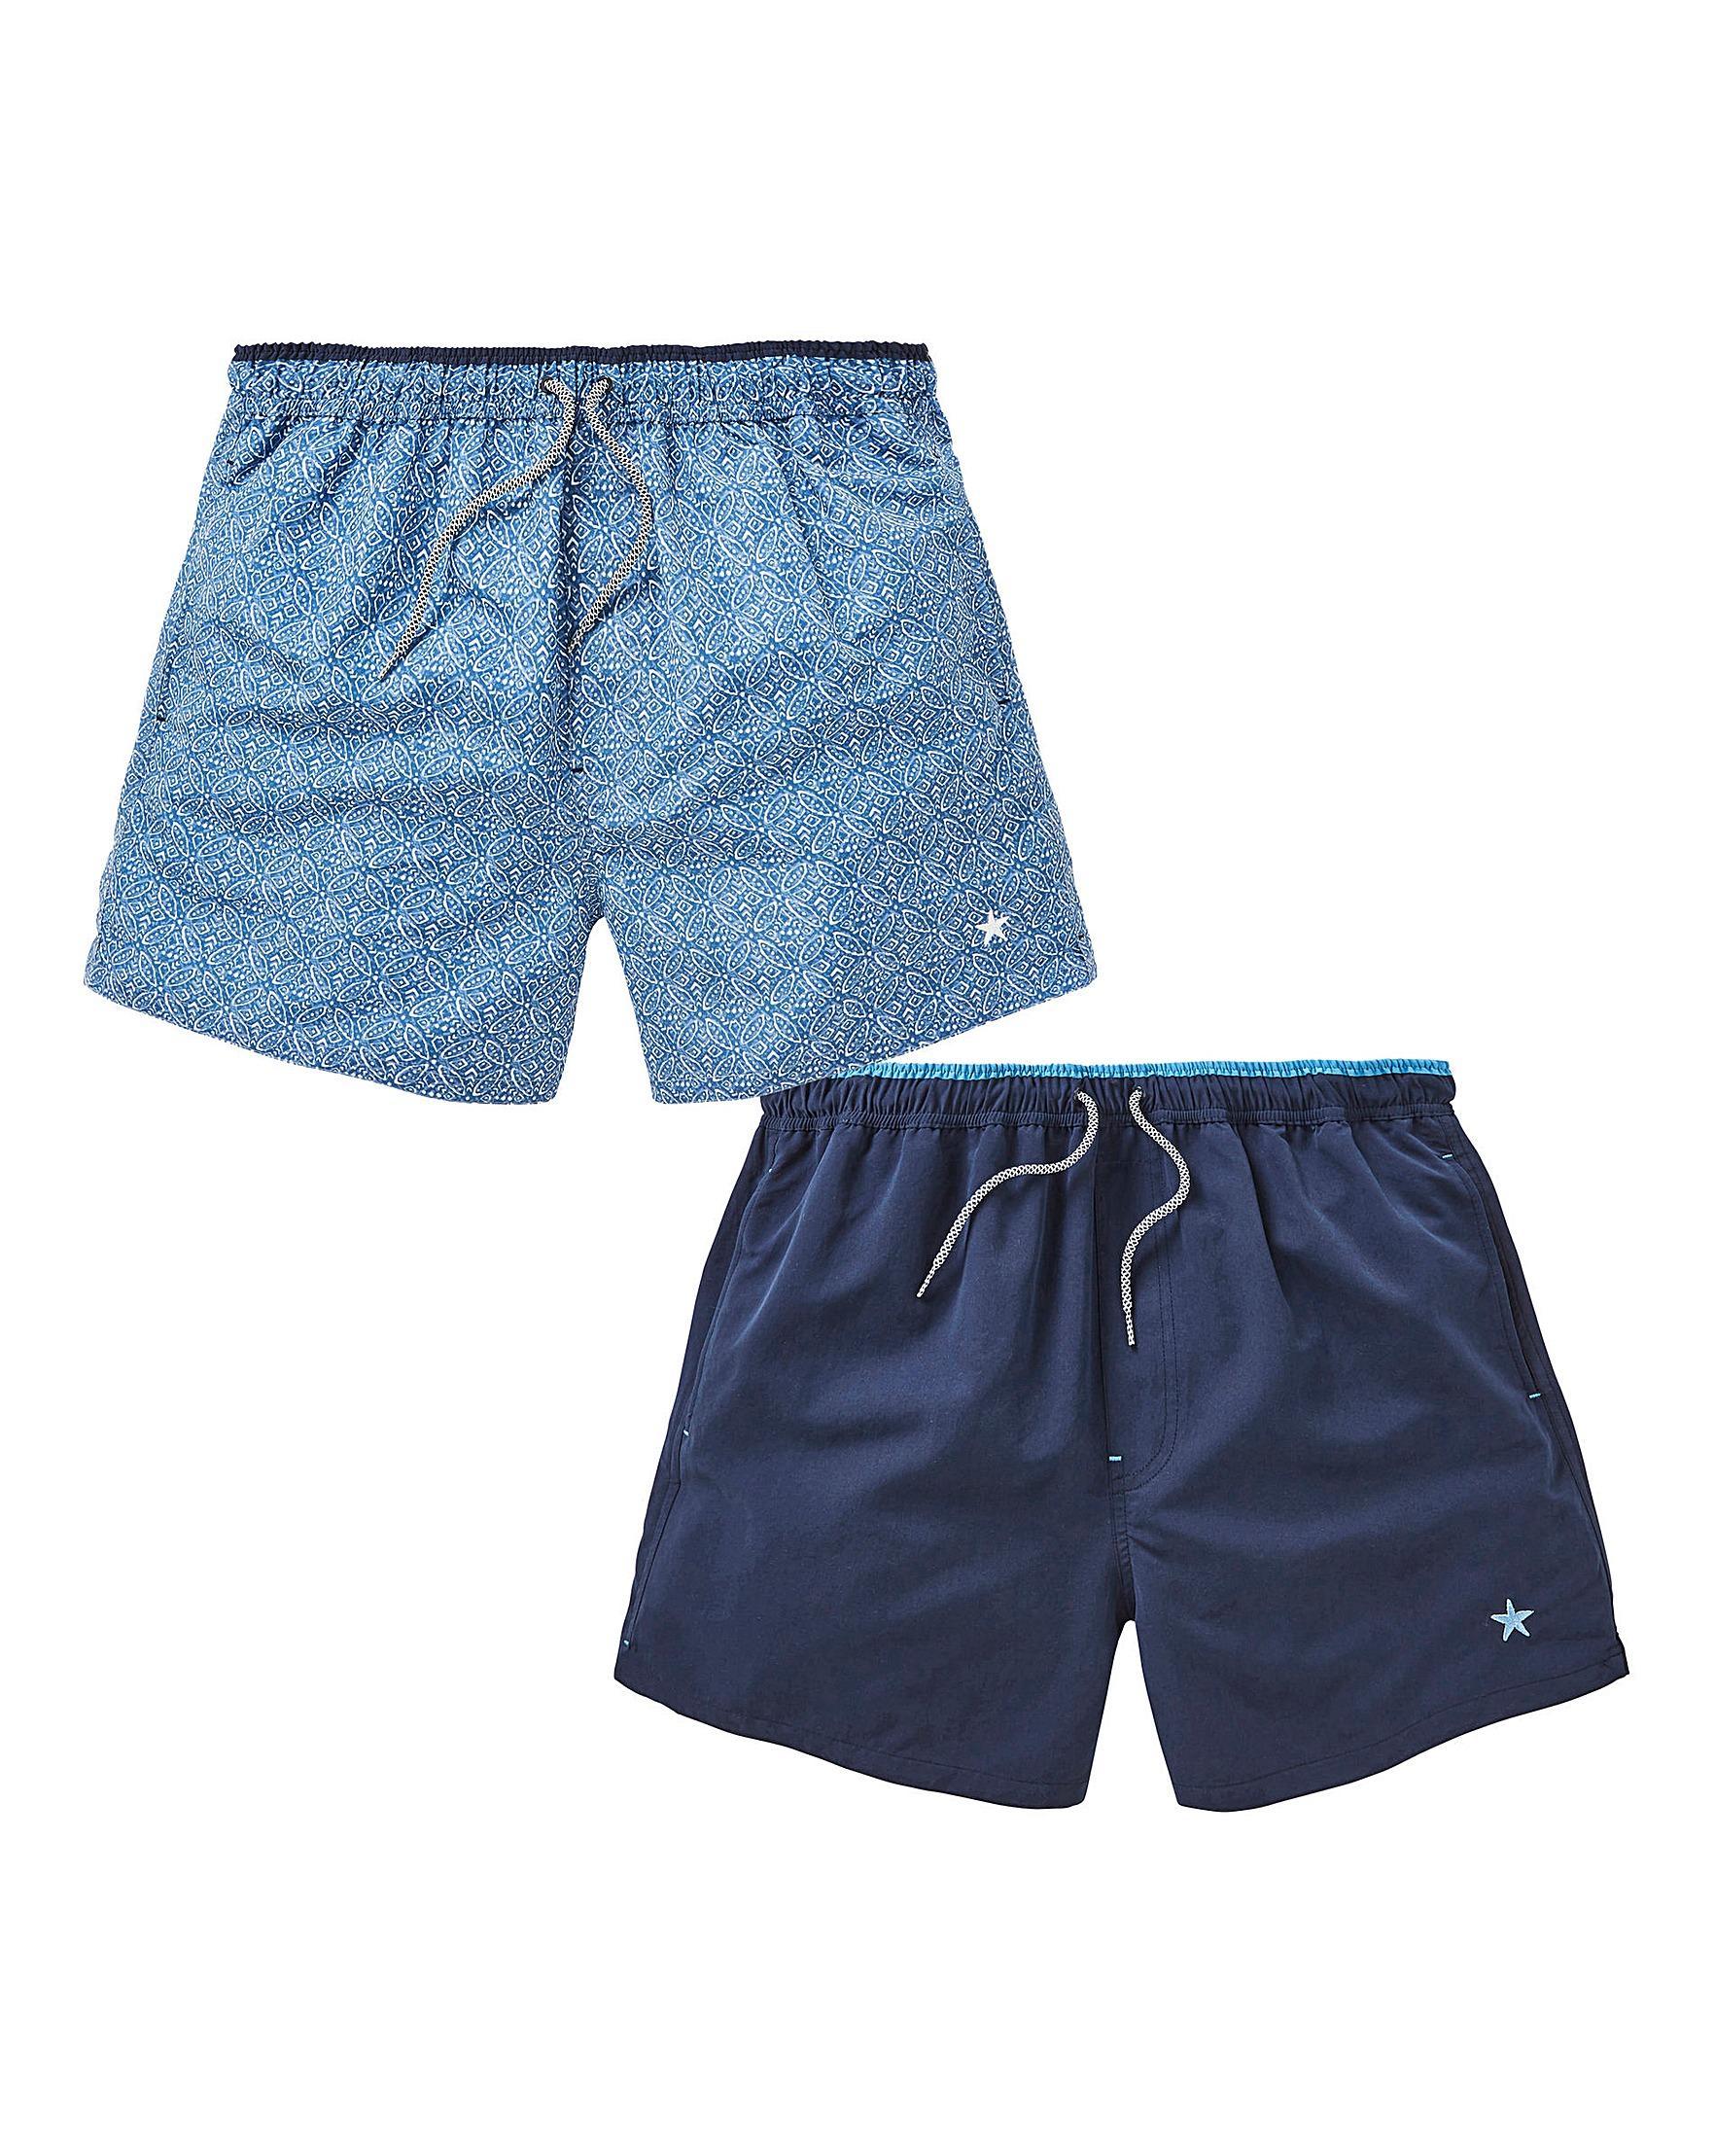 0e86460352 ... Pack Of 2 Plain/print Swimshorts for Men - Lyst. View fullscreen